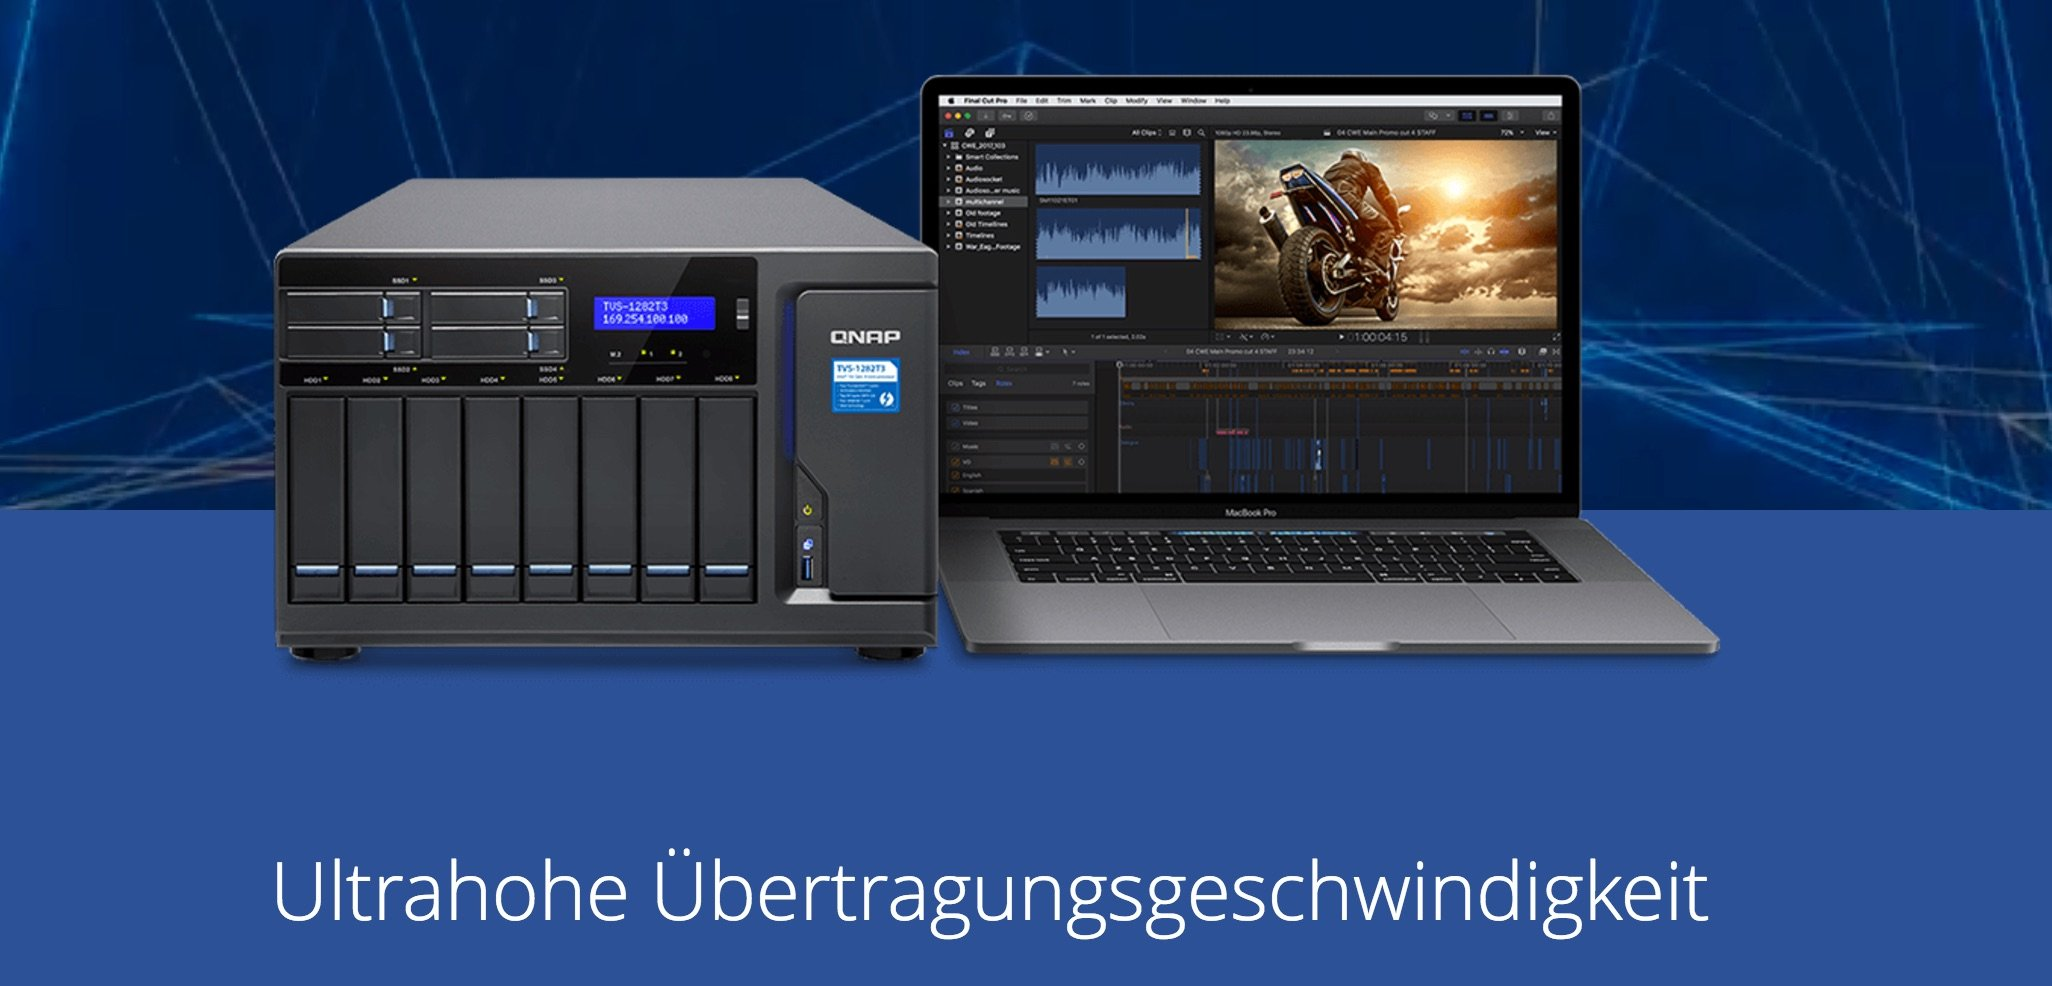 QNAP Thunderbolt 3 NAS mit 40 Gbps über USB-C 1